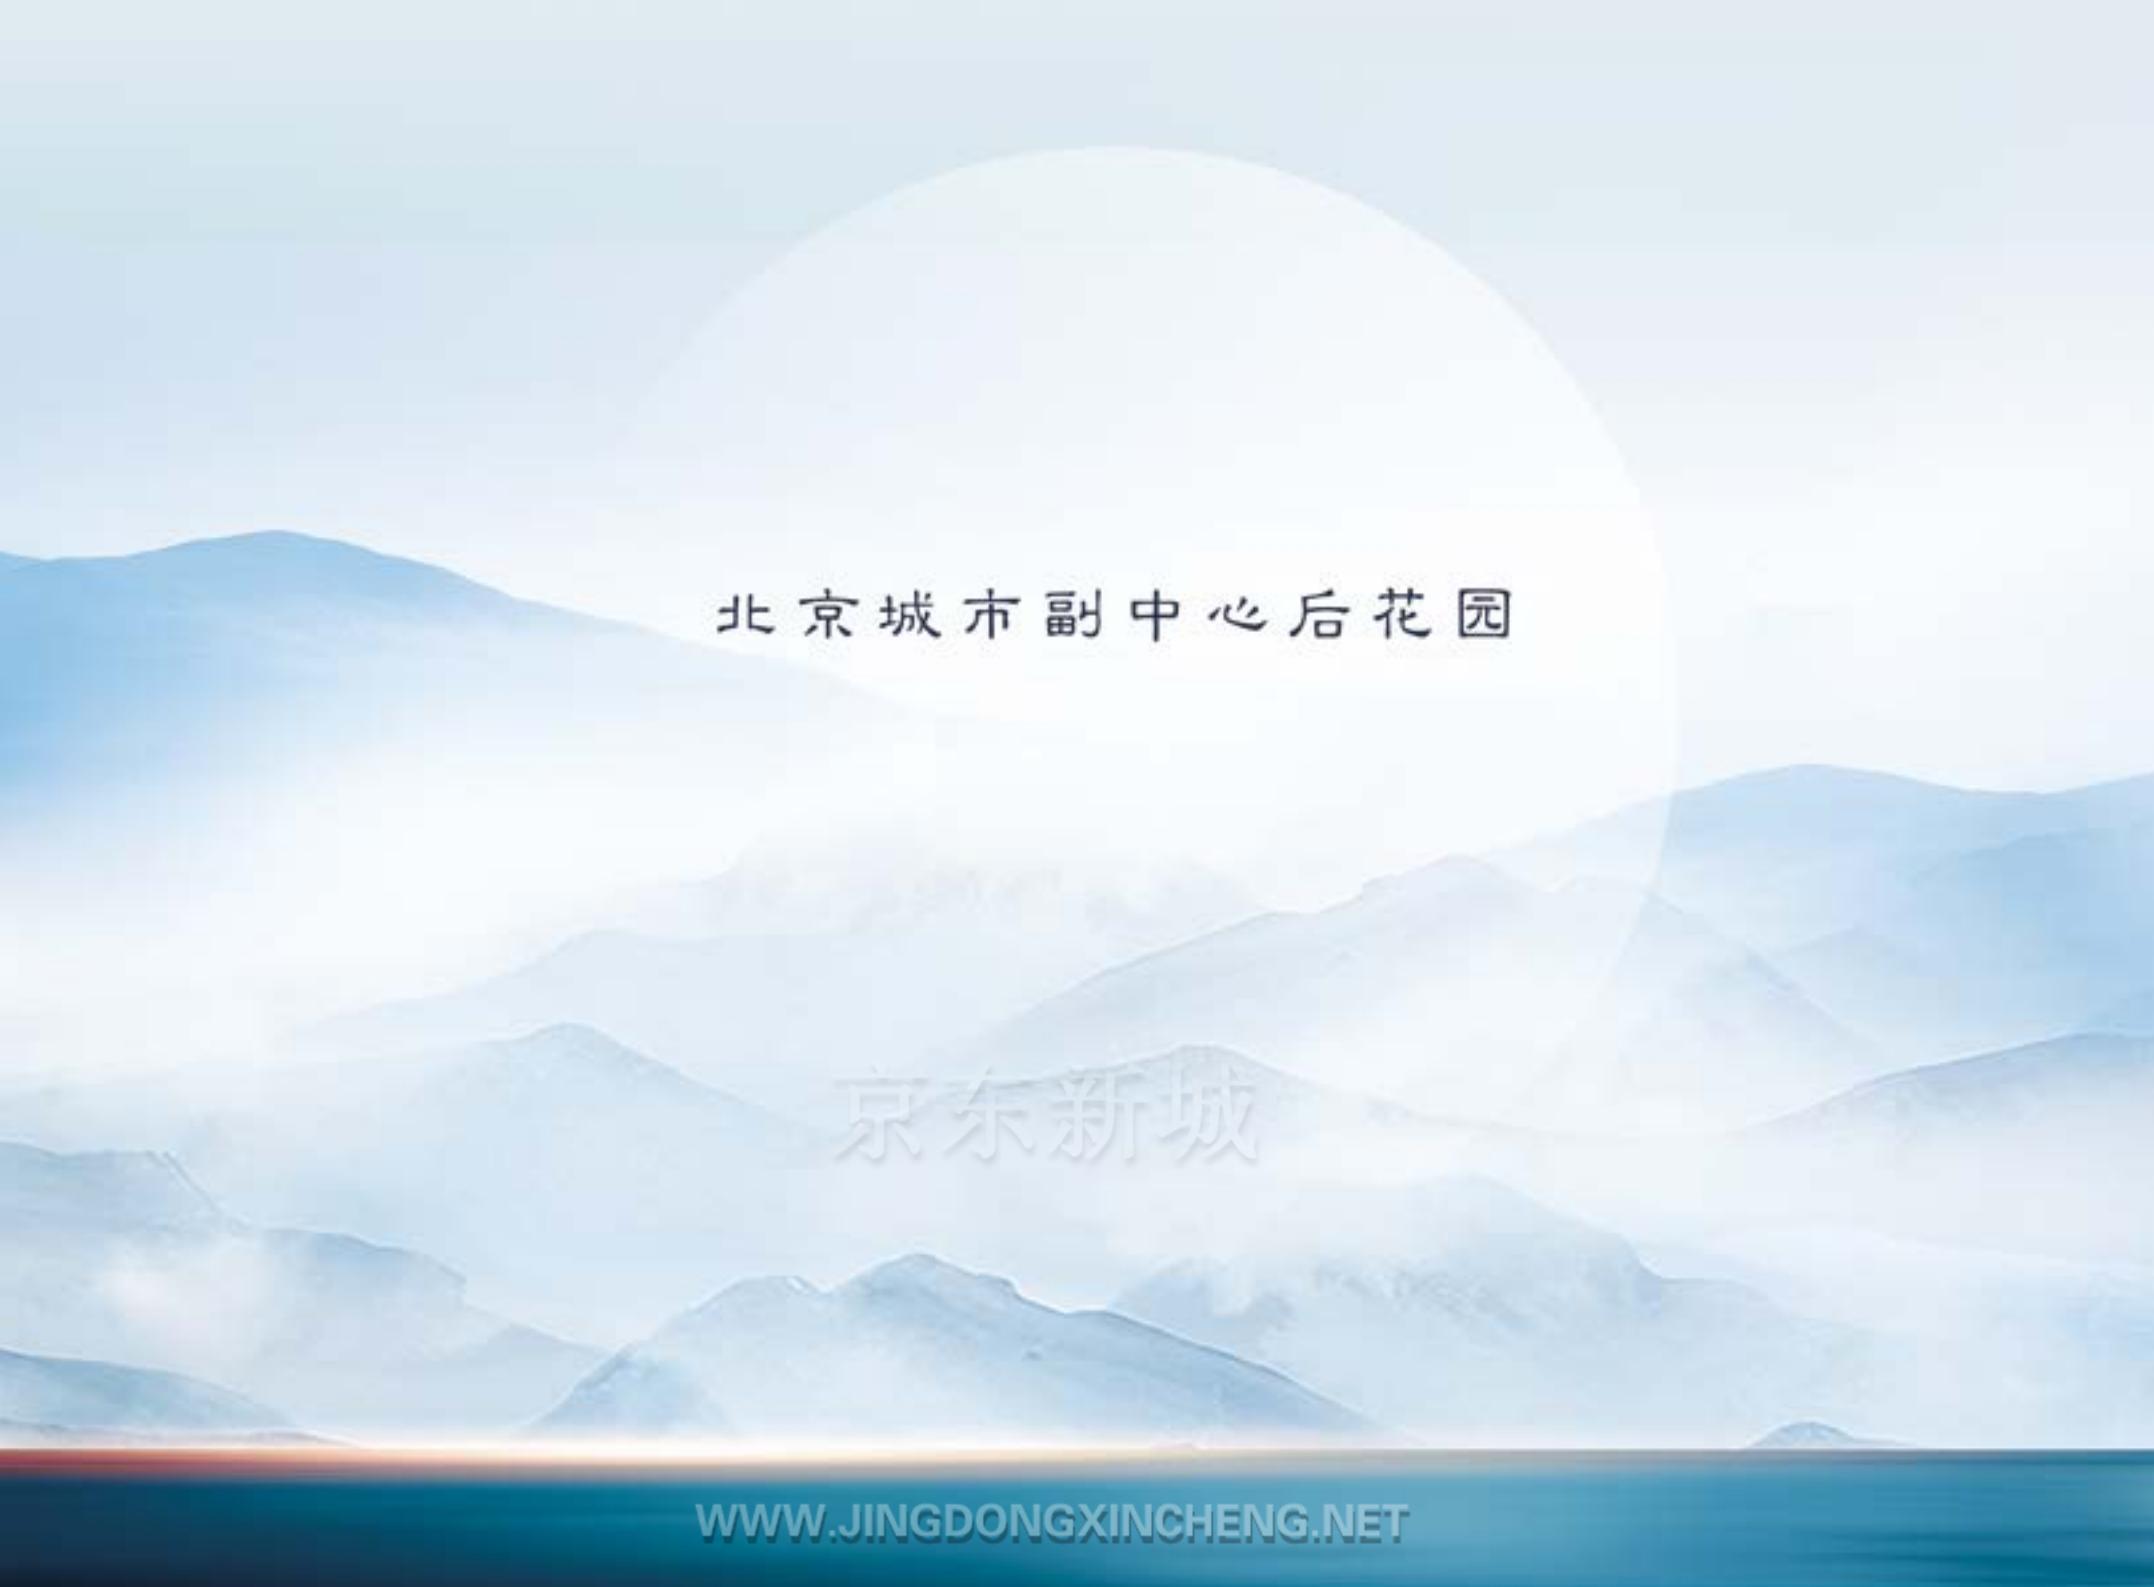 文明大厂-定稿-上传版_44.png